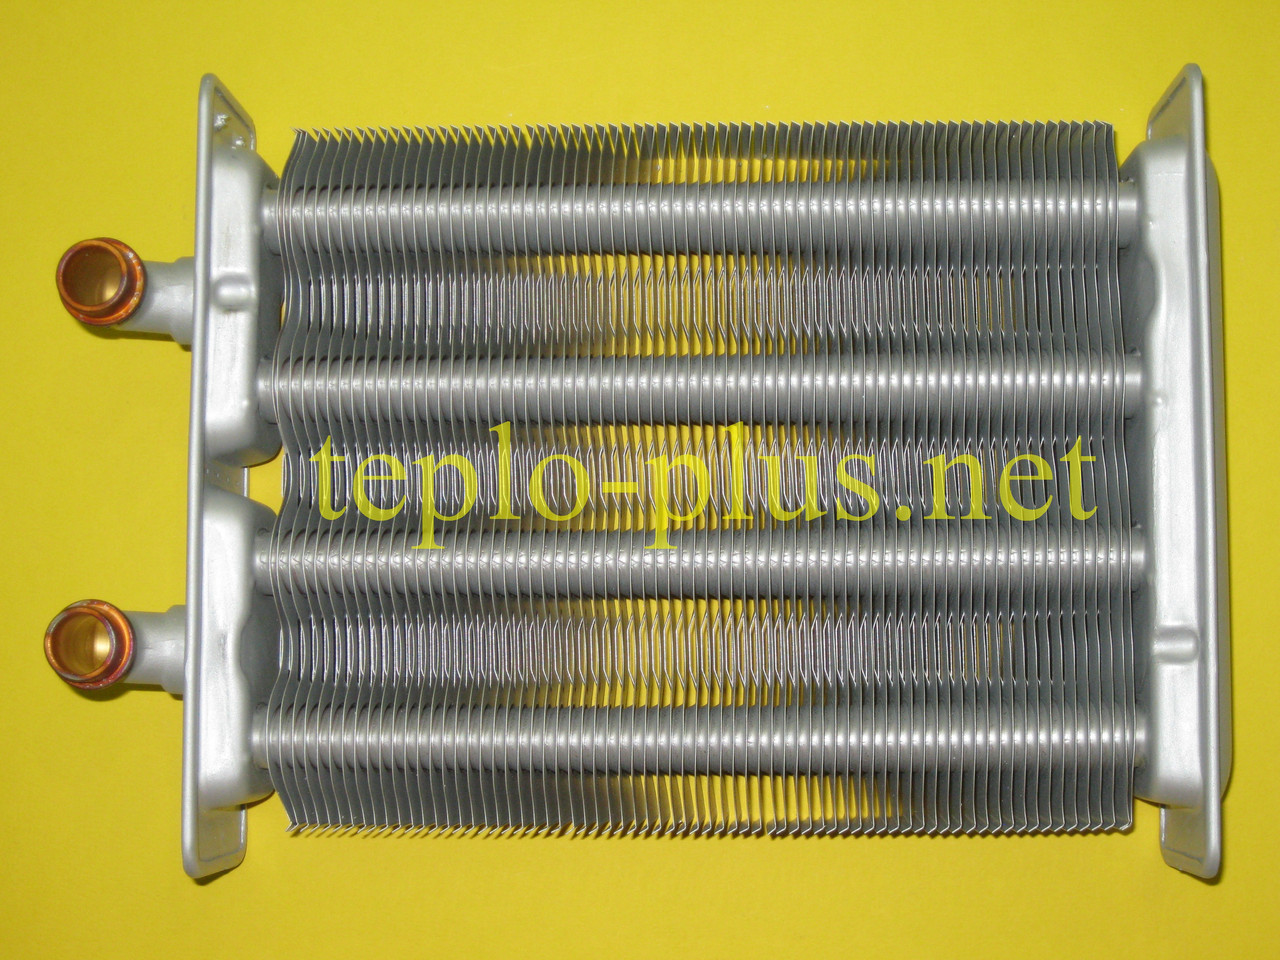 Теплообменники беретта 24 Кожухотрубный конденсатор WTK CF 625 Каспийск